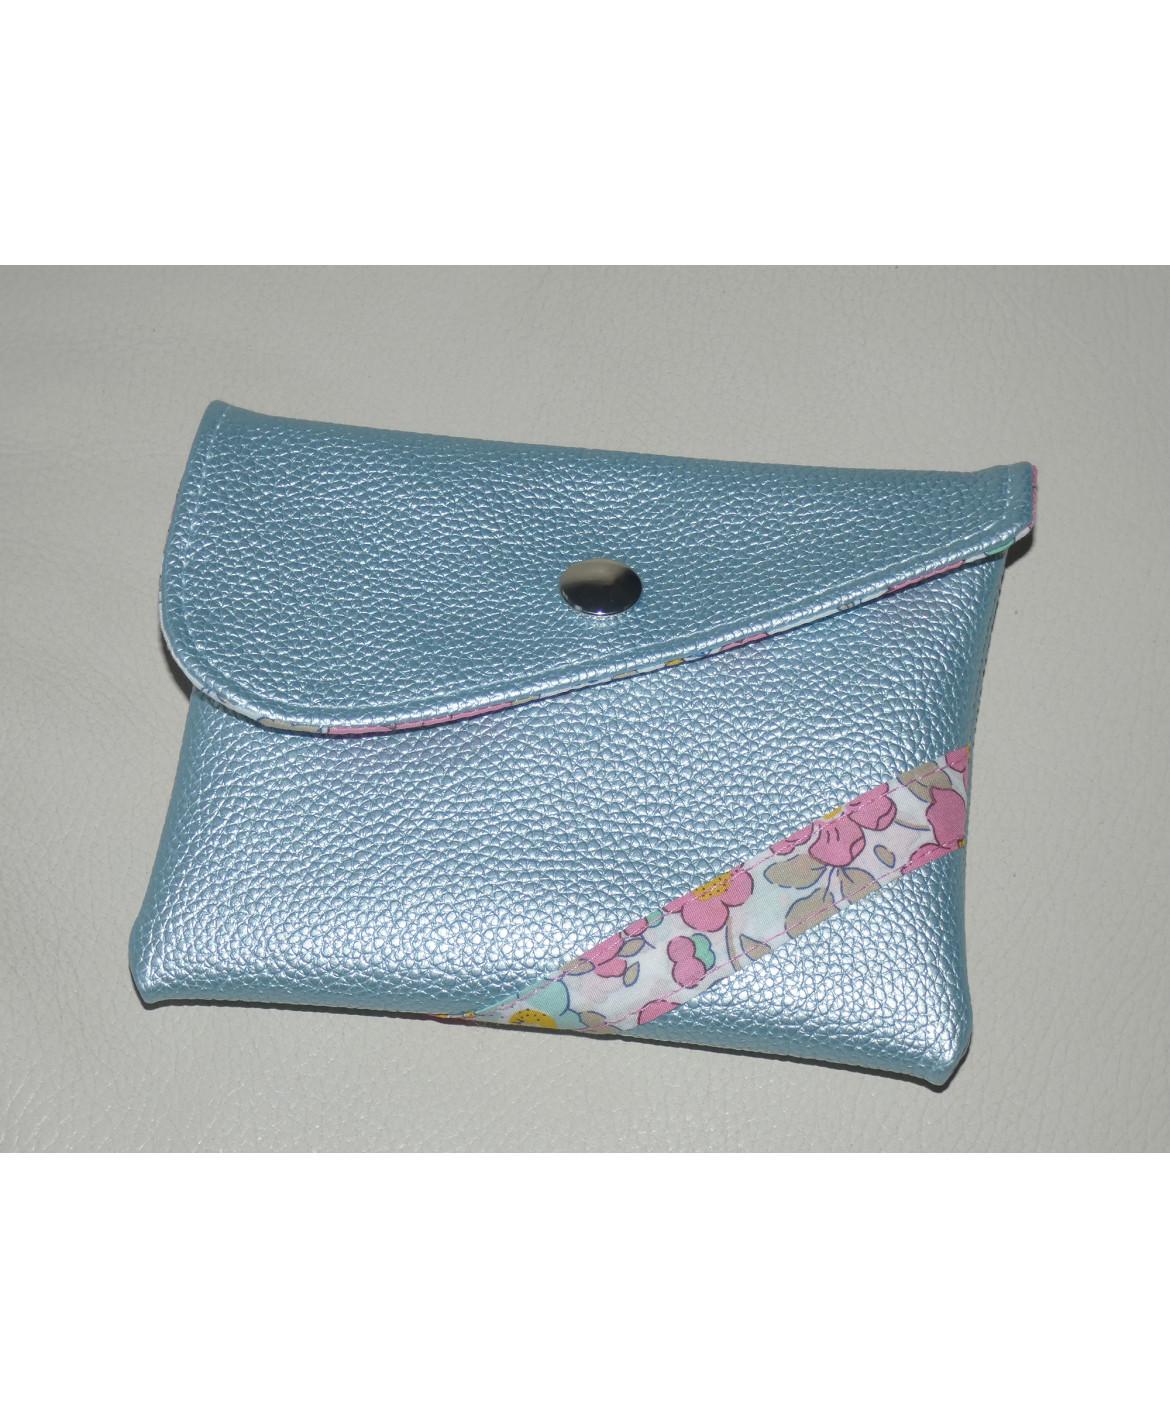 Pochette de rangement en simili cuir bleu pour masques en tissu